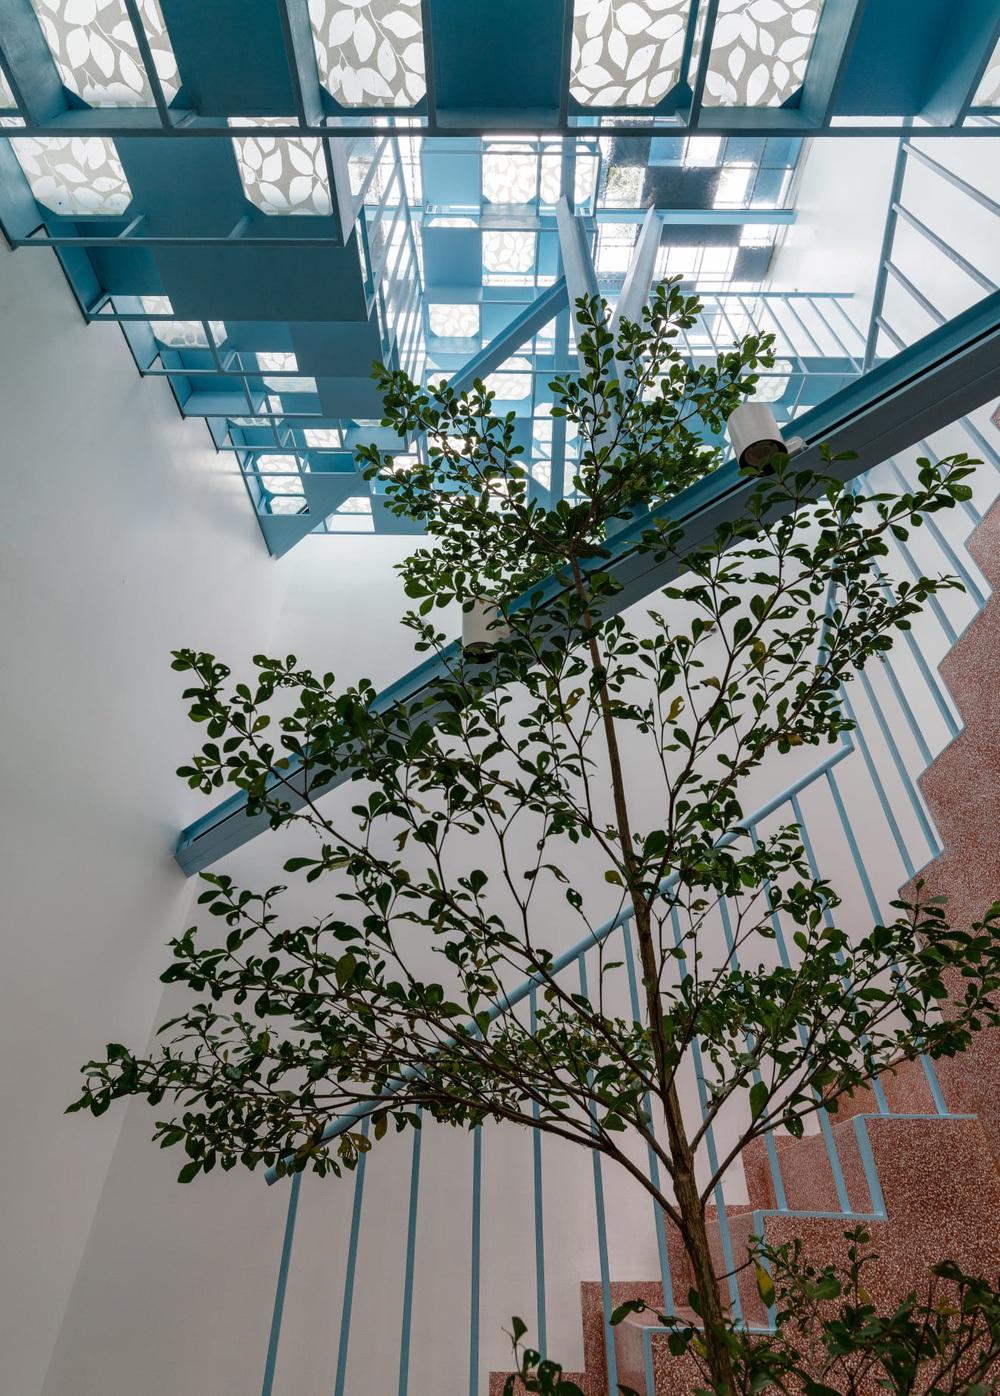 Mẹ Vĩnh Long xây nhà 140m2 cho con gái nghỉ trưa, tạo hình nhà trên cây độc đáo với sắc xanh hút hồn - Ảnh 6.